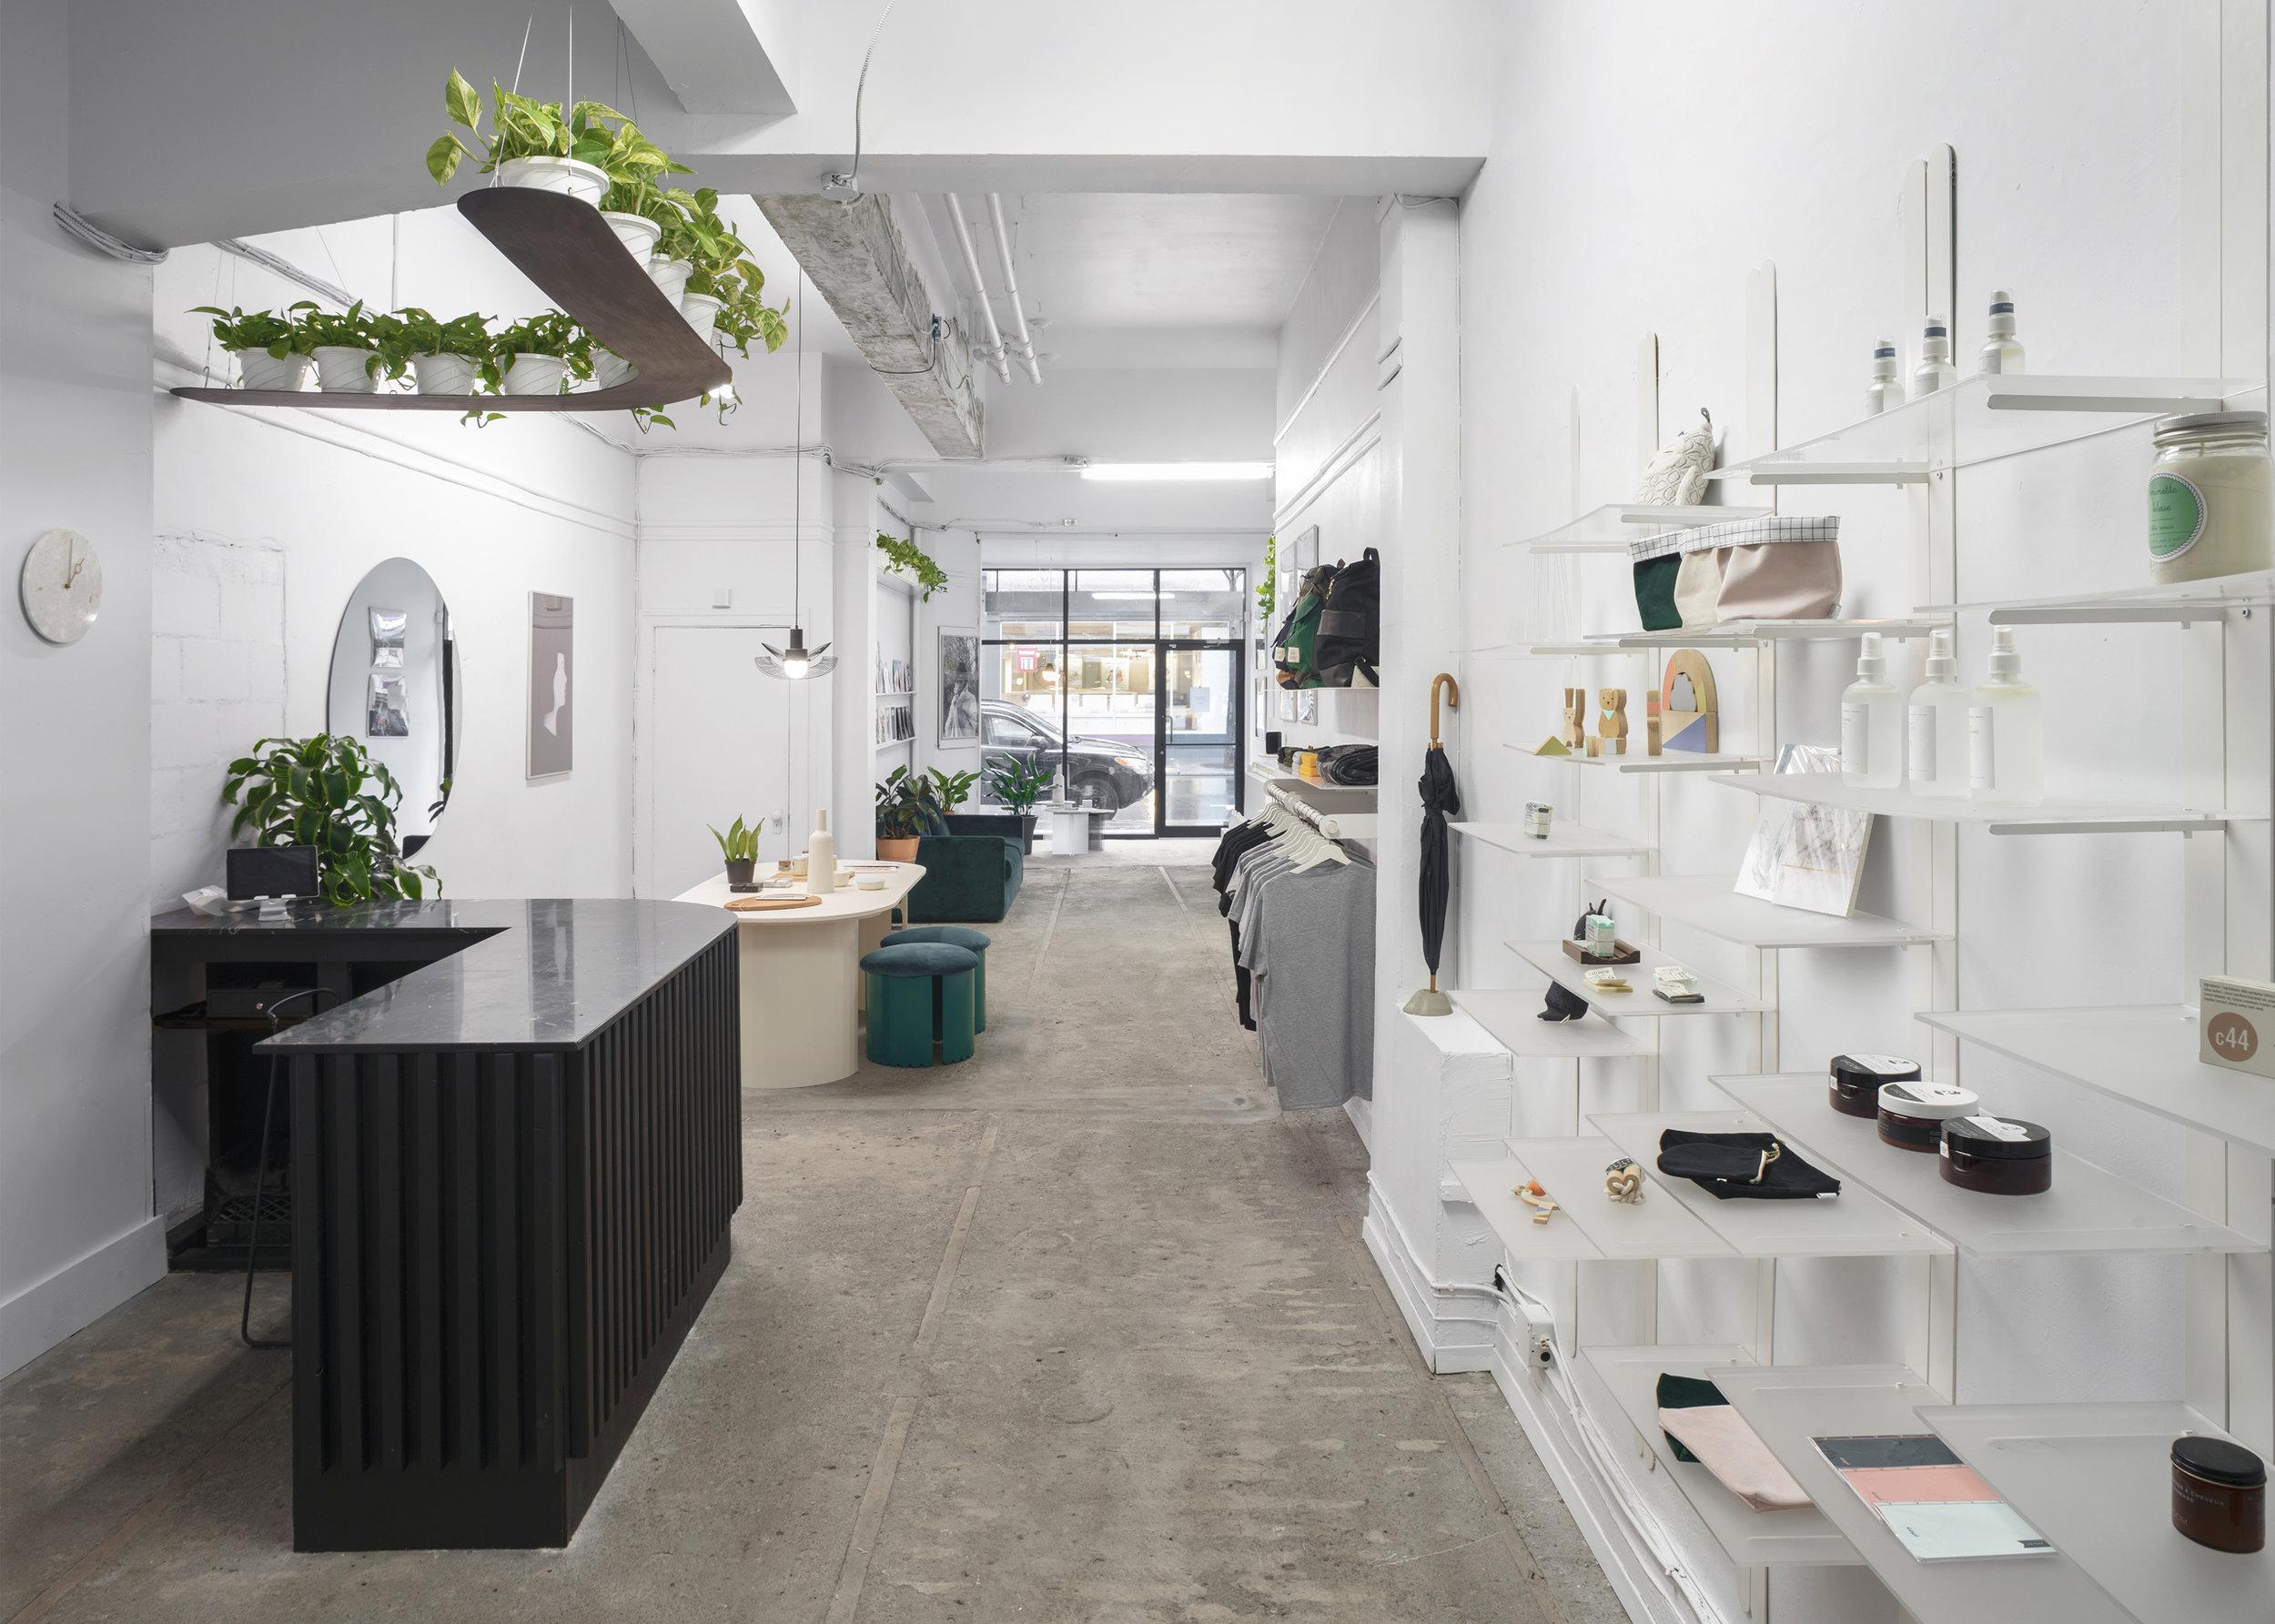 studio-botté_lamp_cest-beau_lighting_boutique_pendants_design-montreal-boutique.jpg